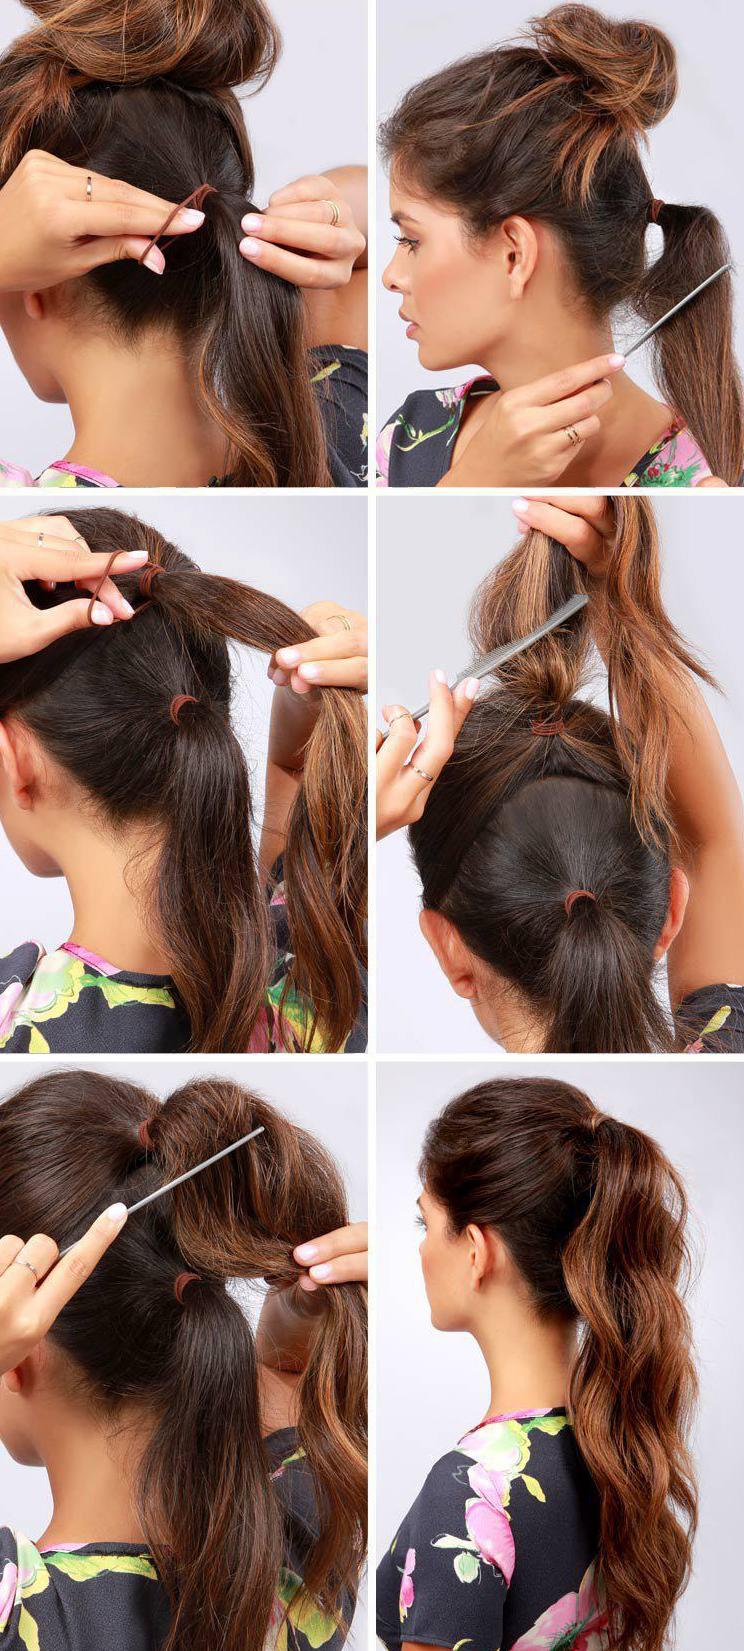 фото Простых причесок на средние волосы своими руками - 5